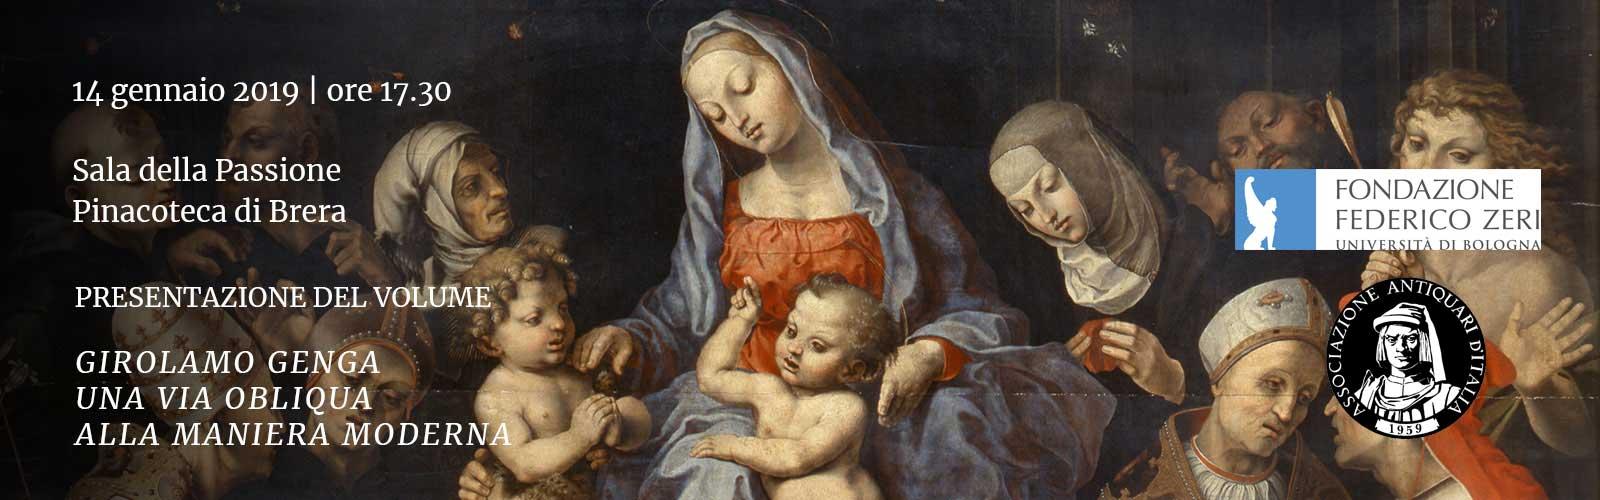 Girolamo Genga<br>Una via obliqua alla maniera moderna